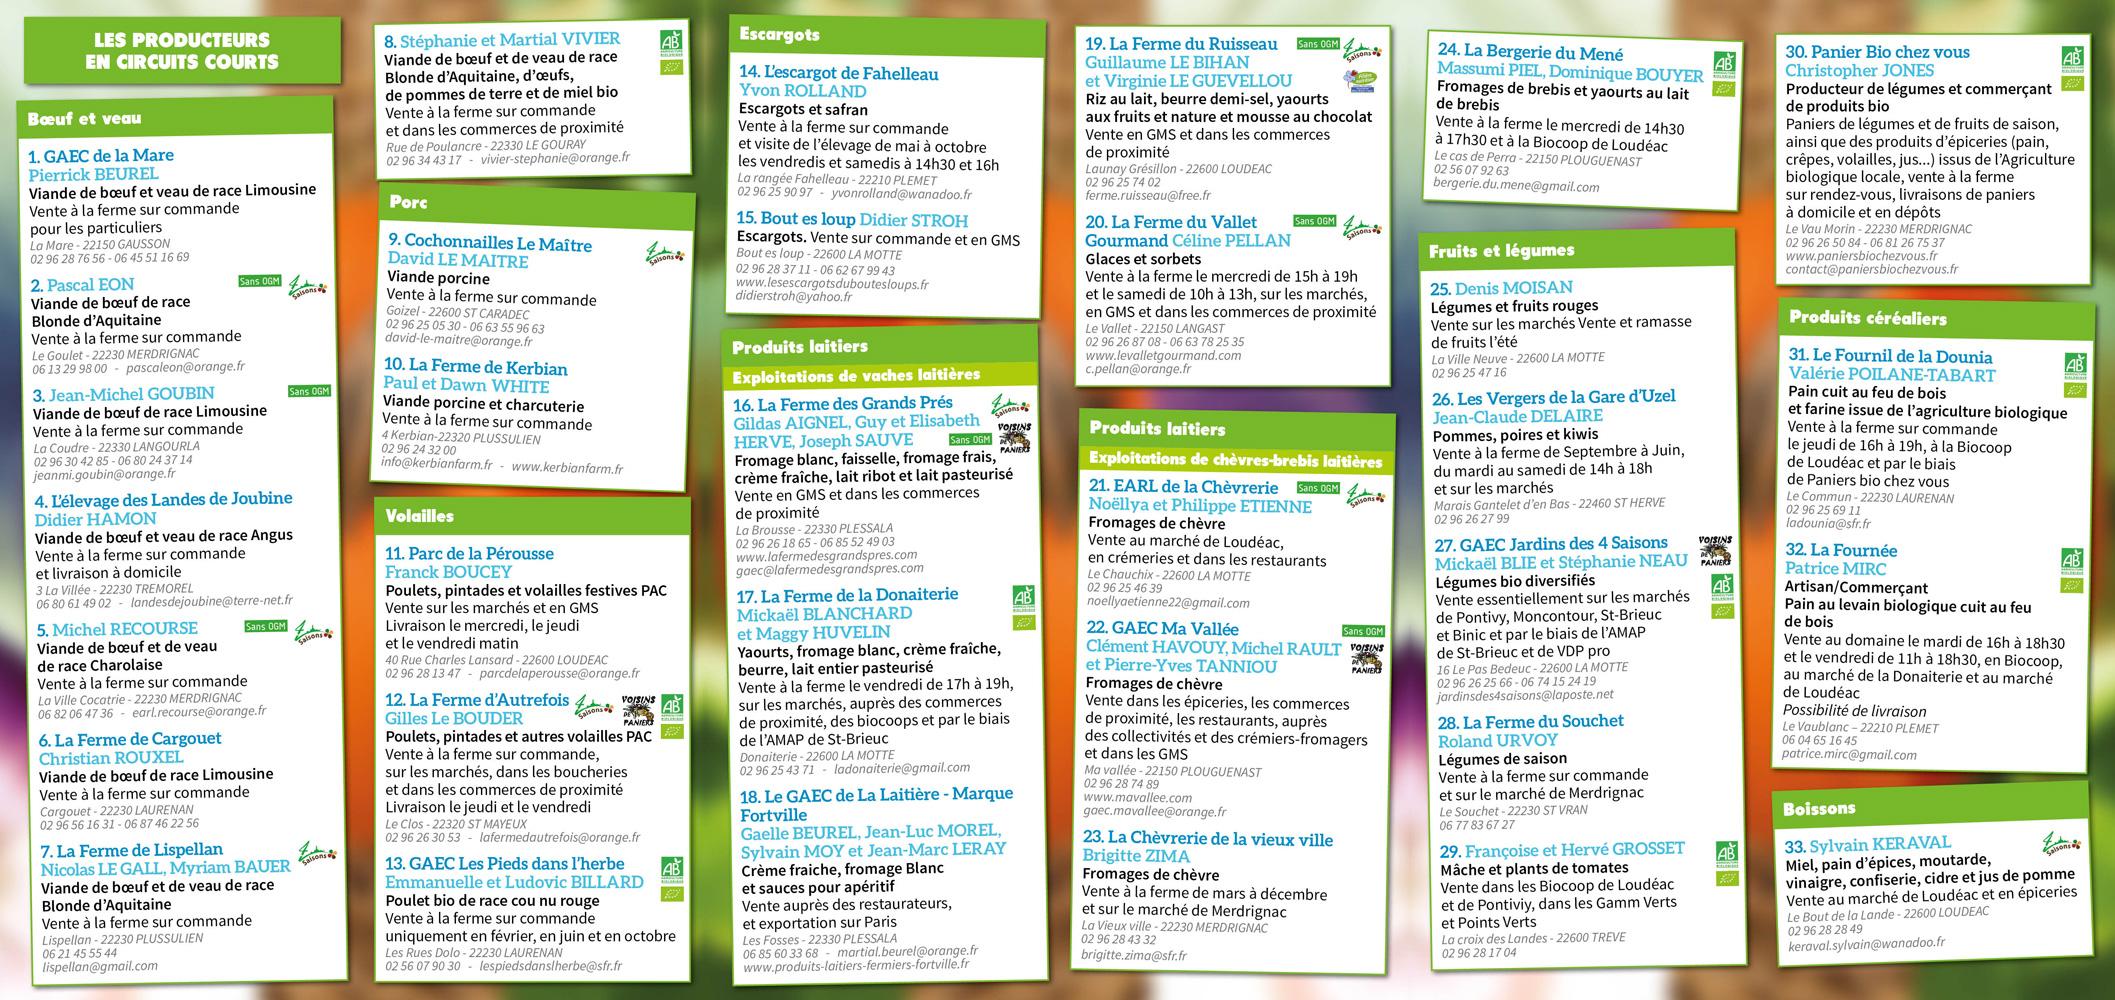 guide-produits-locaux-2015-format-45x21-ouvert-15x21-ferme-recto-verso-v92-web